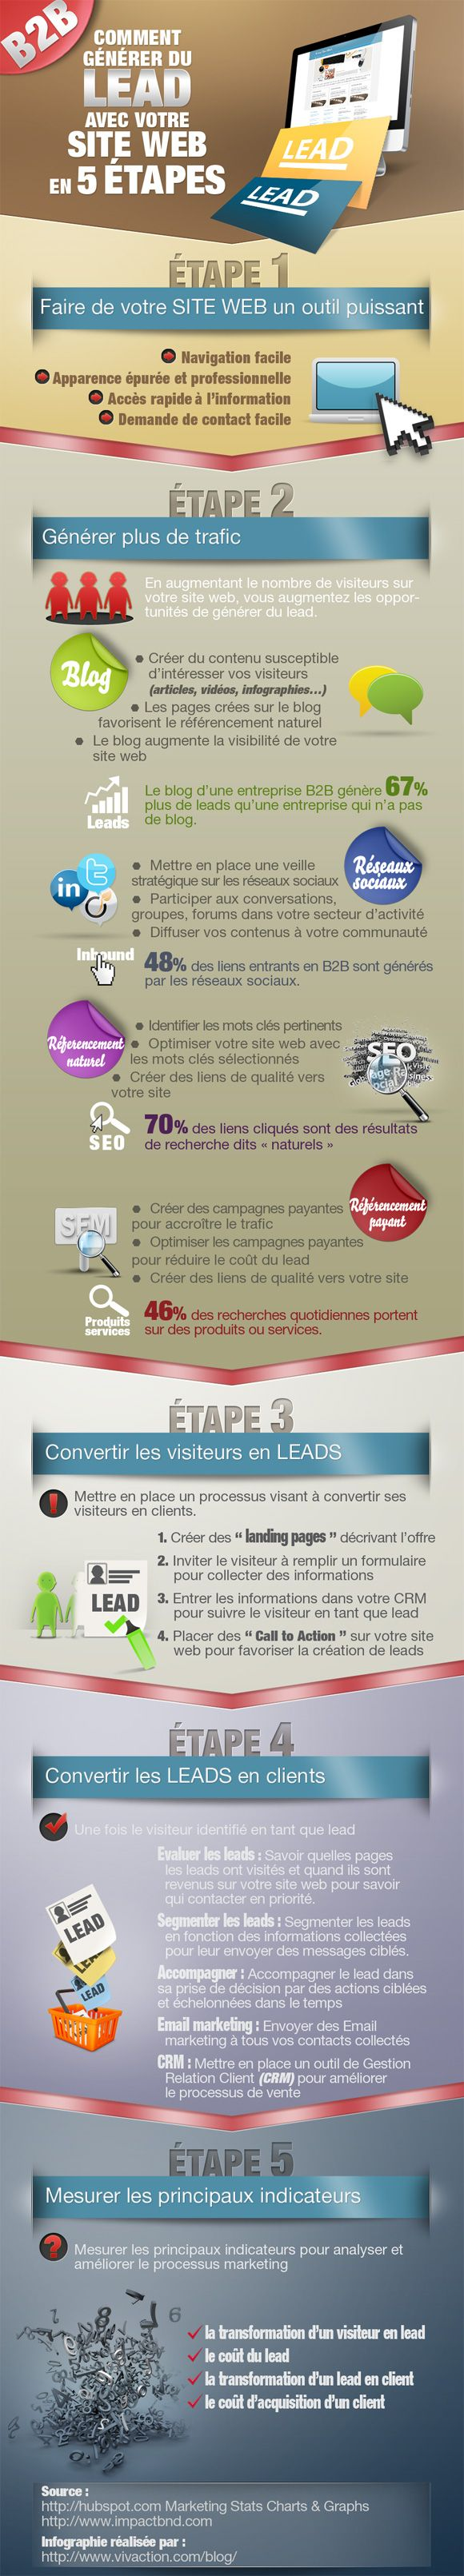 #infographie fr : Comment générer du lead avec votre site web en 5 étapes [vivaction]